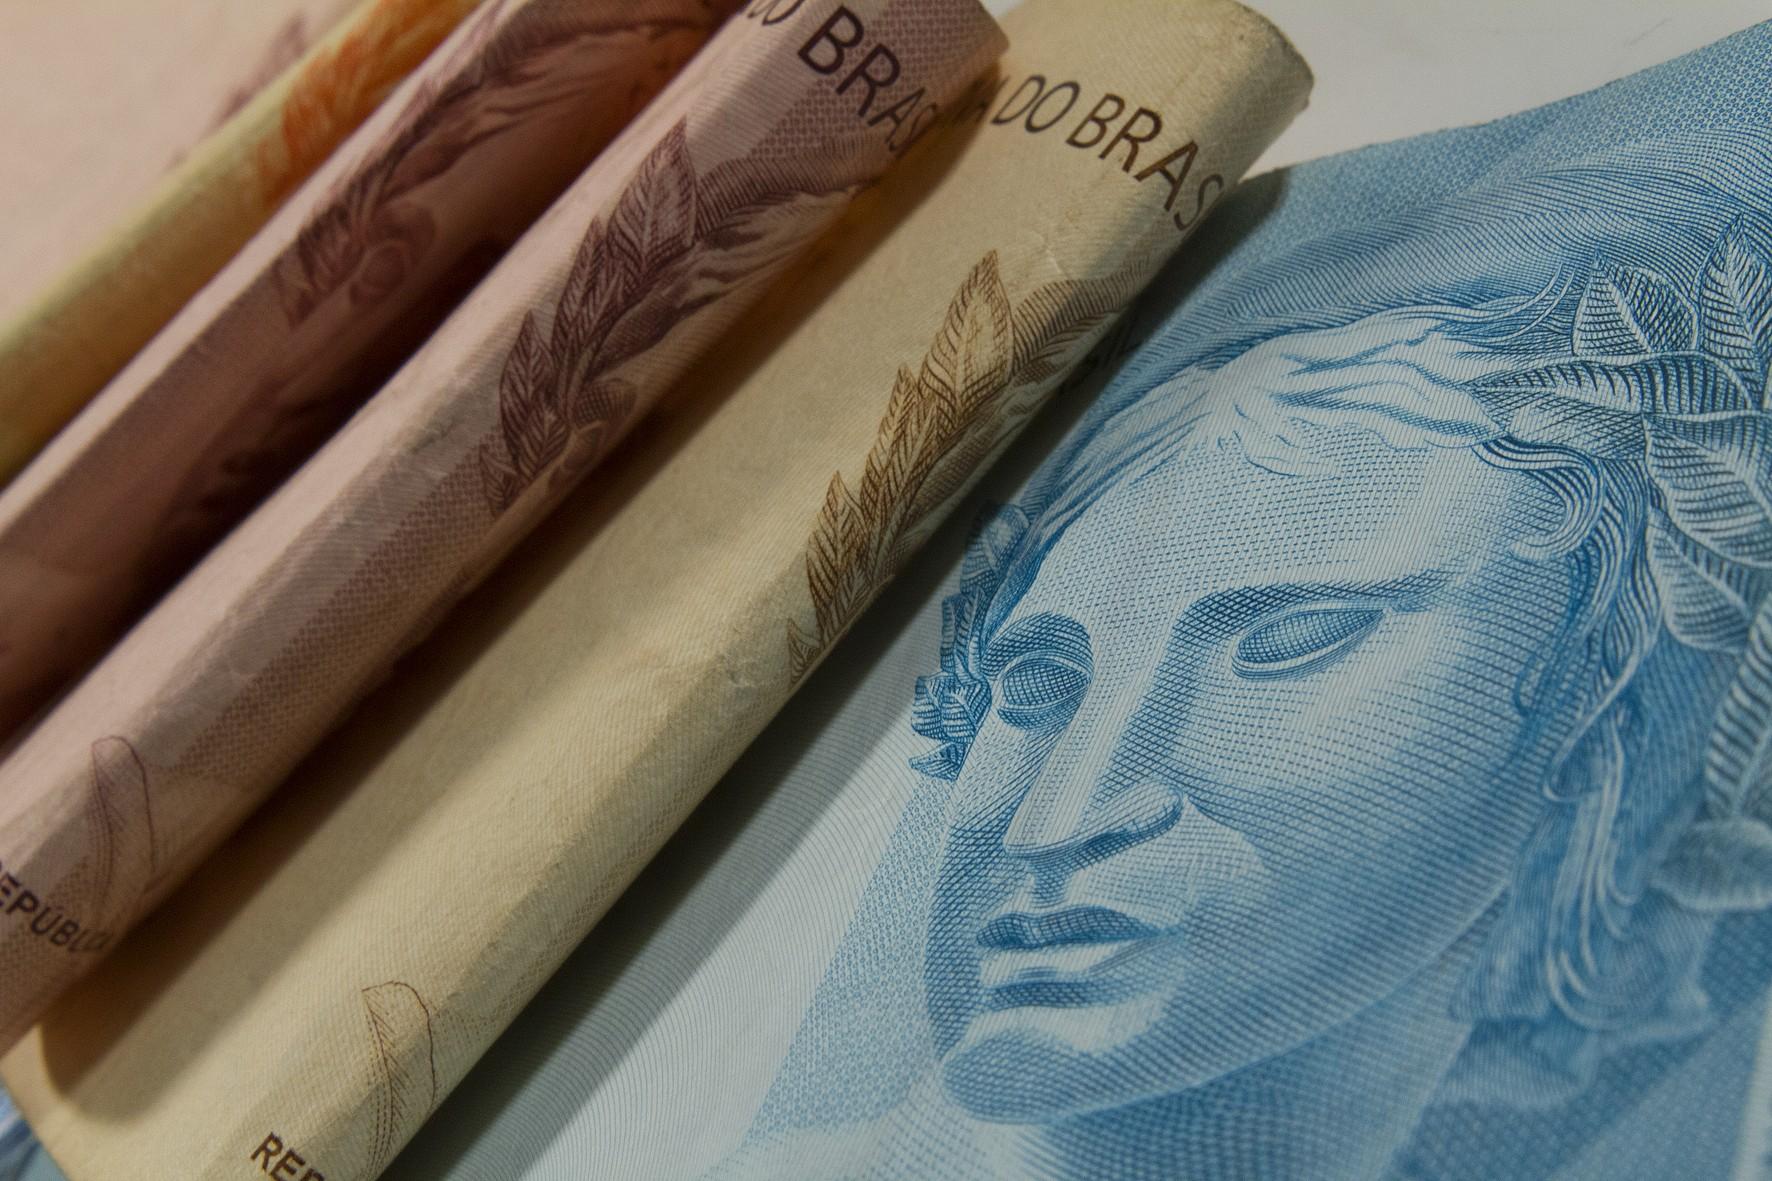 Cinco maiores bancos concentram 80% do mercado, diz BC